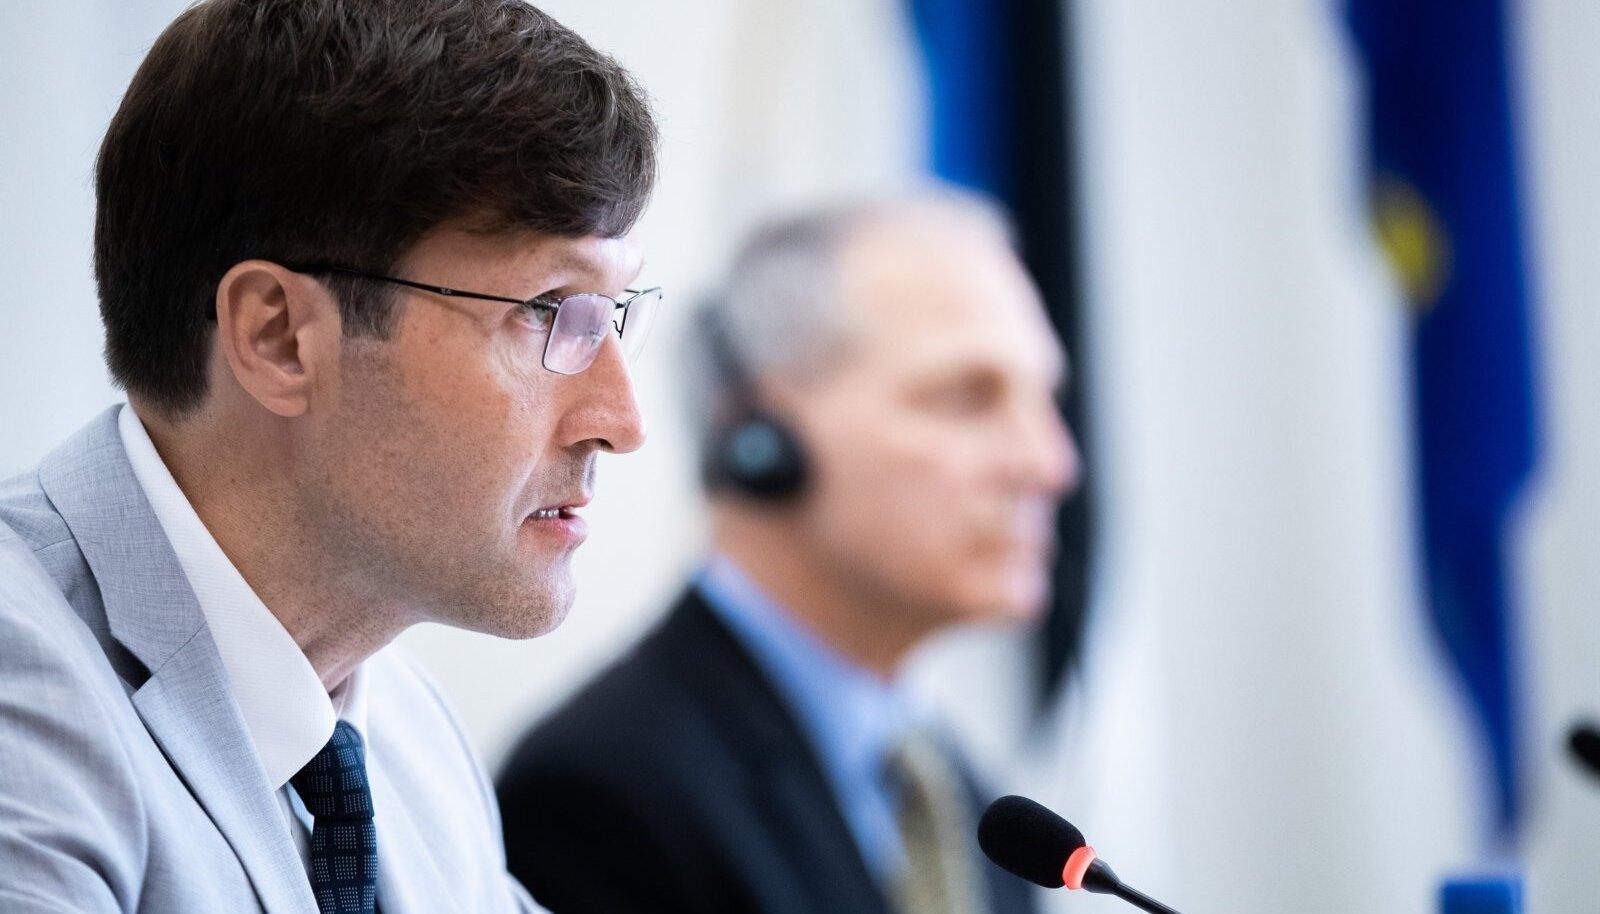 Martin Helme küsis Eesti esindamiseks pakkumist kolmelt advokaadibüroolt, kellest kõik on Vene huvidega suurel määral seotud. Tekib küsimus, kas selliste büroodega koostöö ohustab riigi julgeolekut.